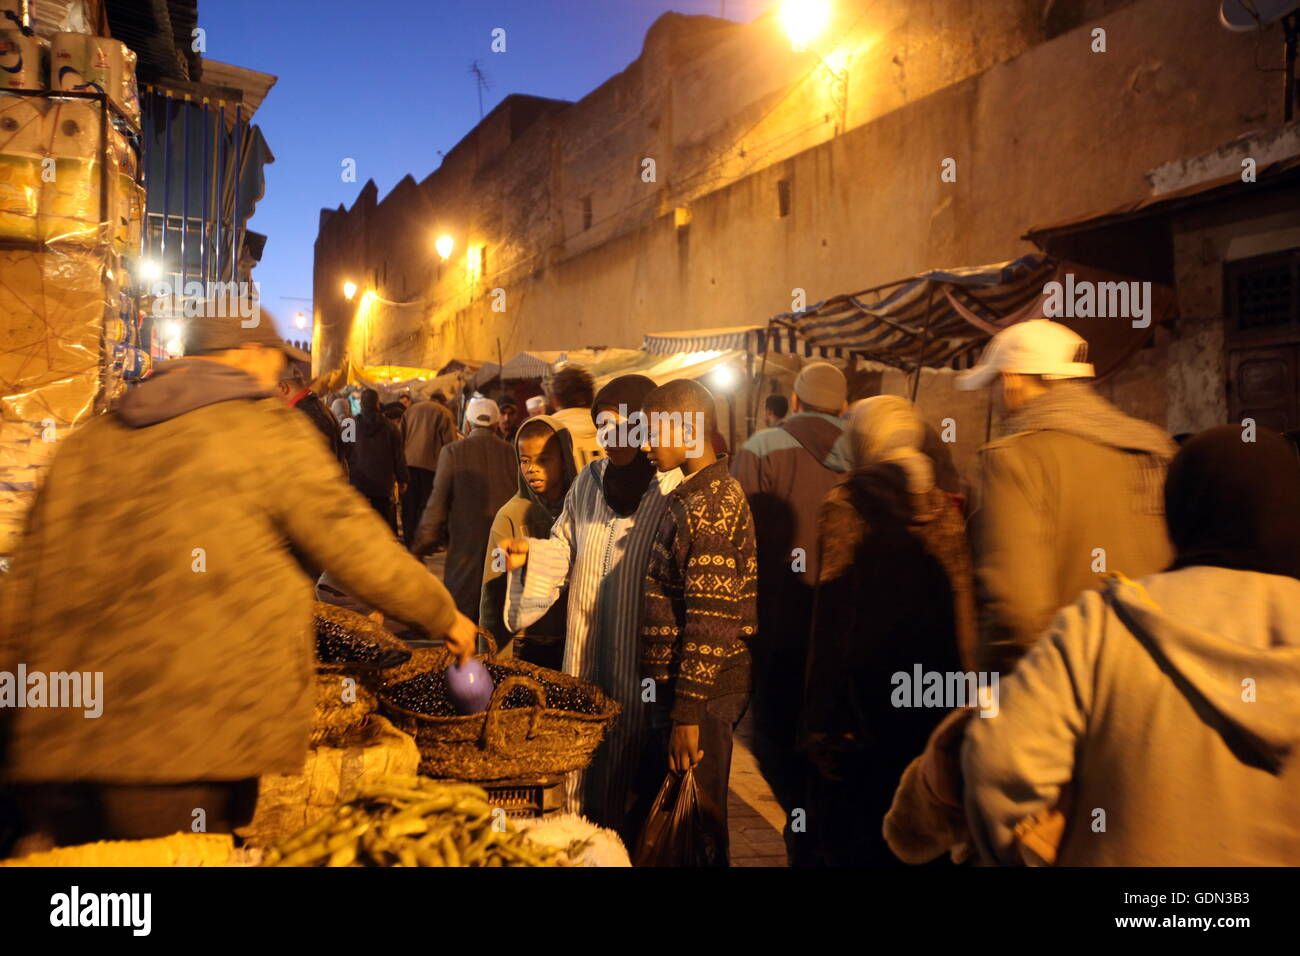 Afrika, Nordafrika, Marokko, Fes, Stadt, Stadt, Altstadt, Medina, Souk, Basar, Markt, Reisen, Reise, Alltag, Wirtschaft, Stockbild